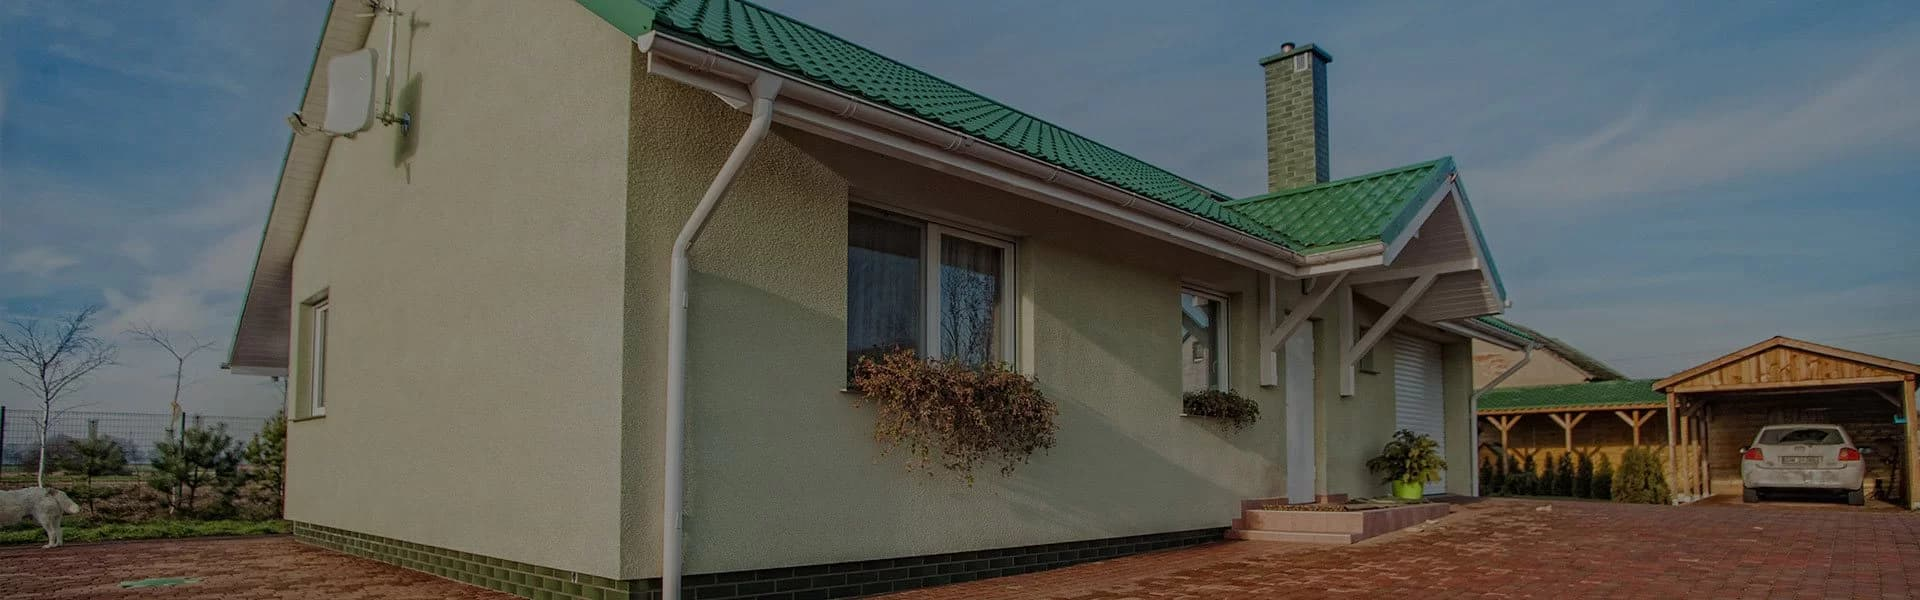 Dom z Keramzytu - budowa domków jednorodzinnych